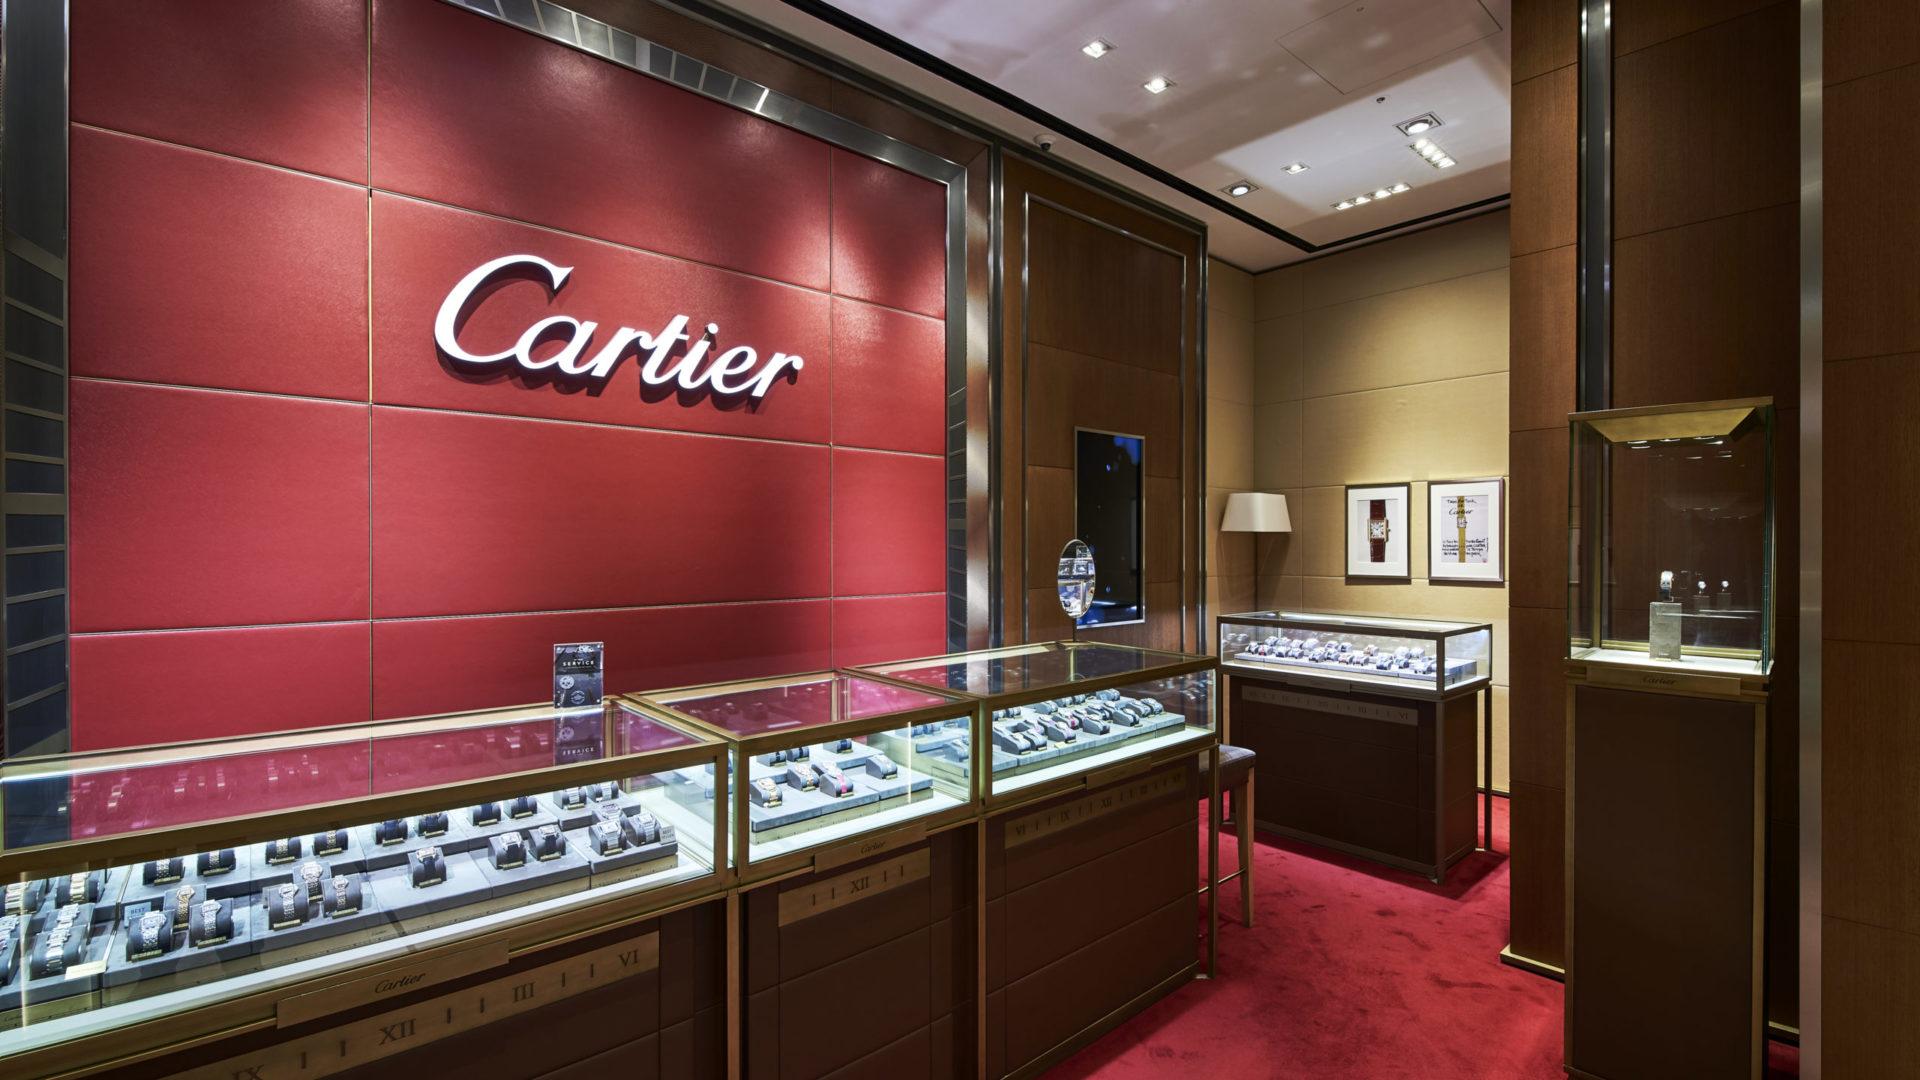 WoS Regent Street 461 Cartier 61 (1)